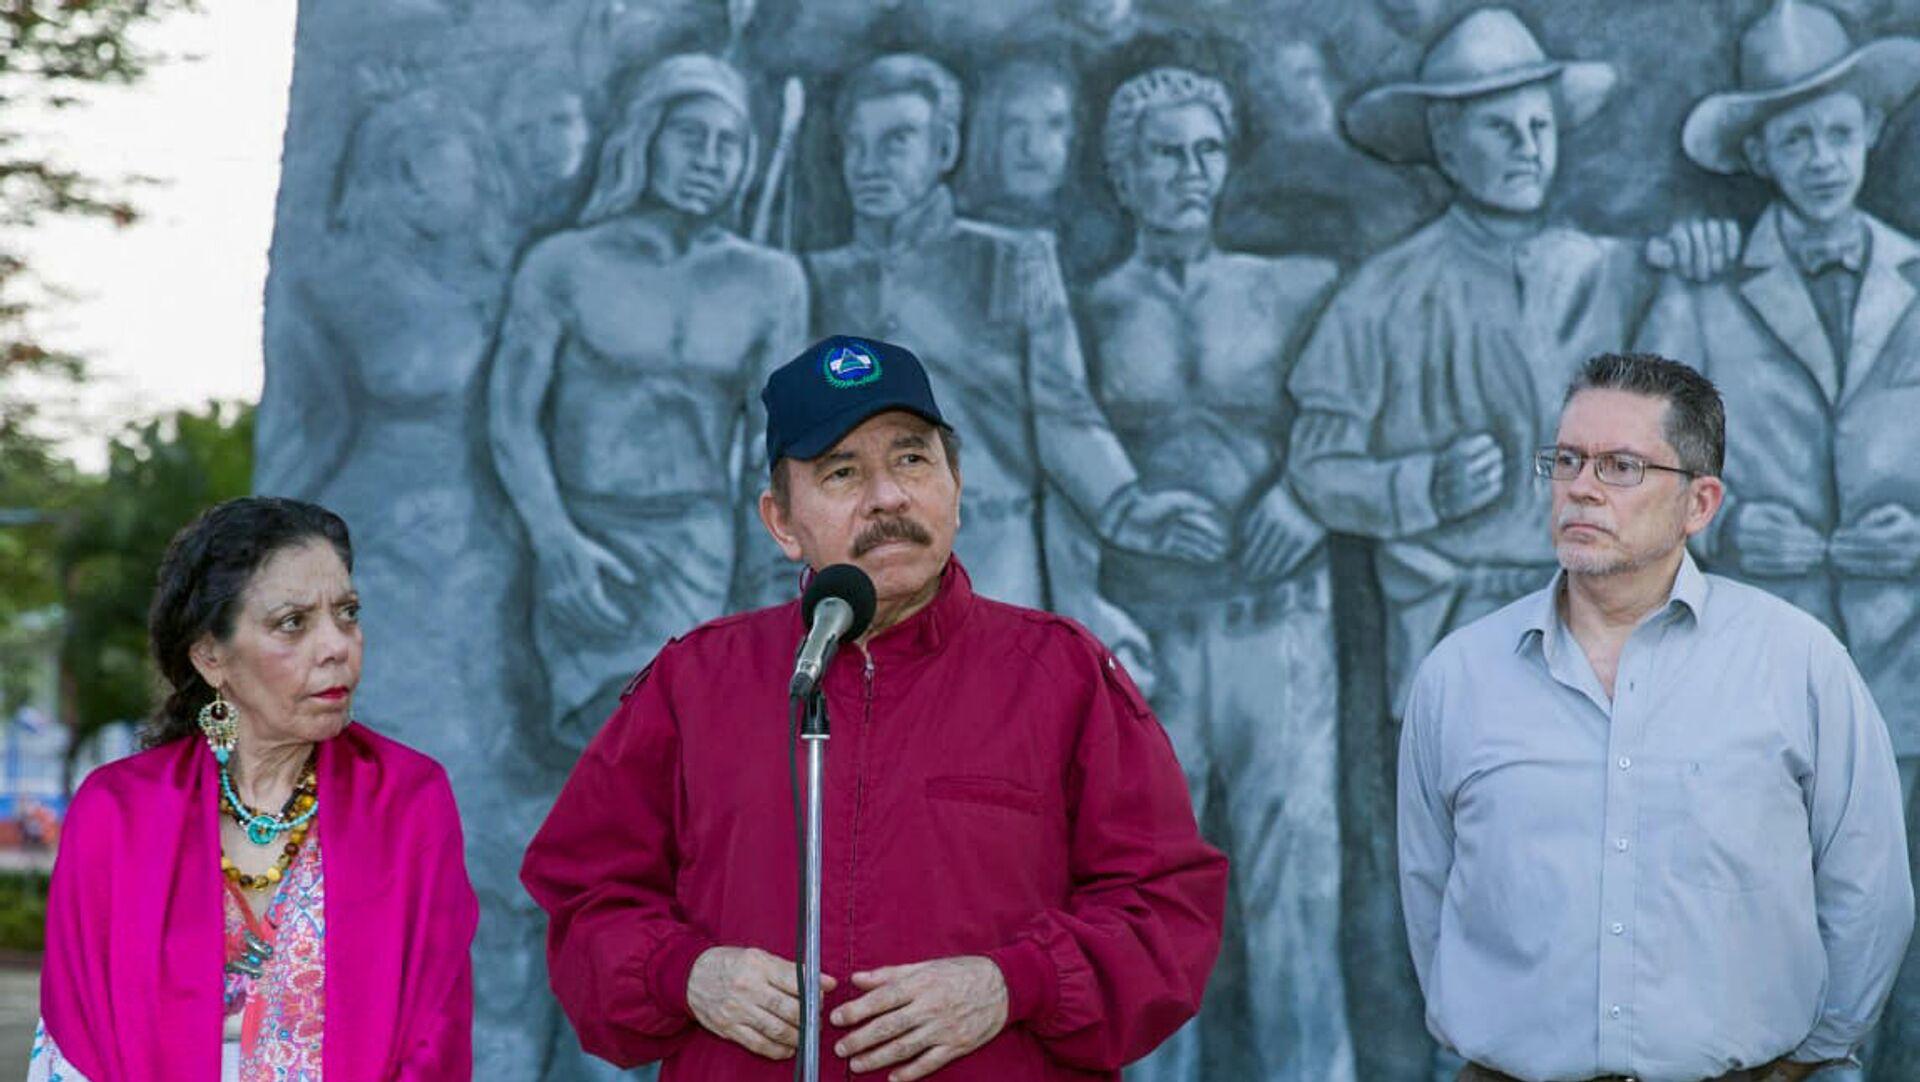 Ortega afirma que las recientes detenciones en Nicaragua fueron por atentar  contra la seguridad - 24.06.2021, Sputnik Mundo